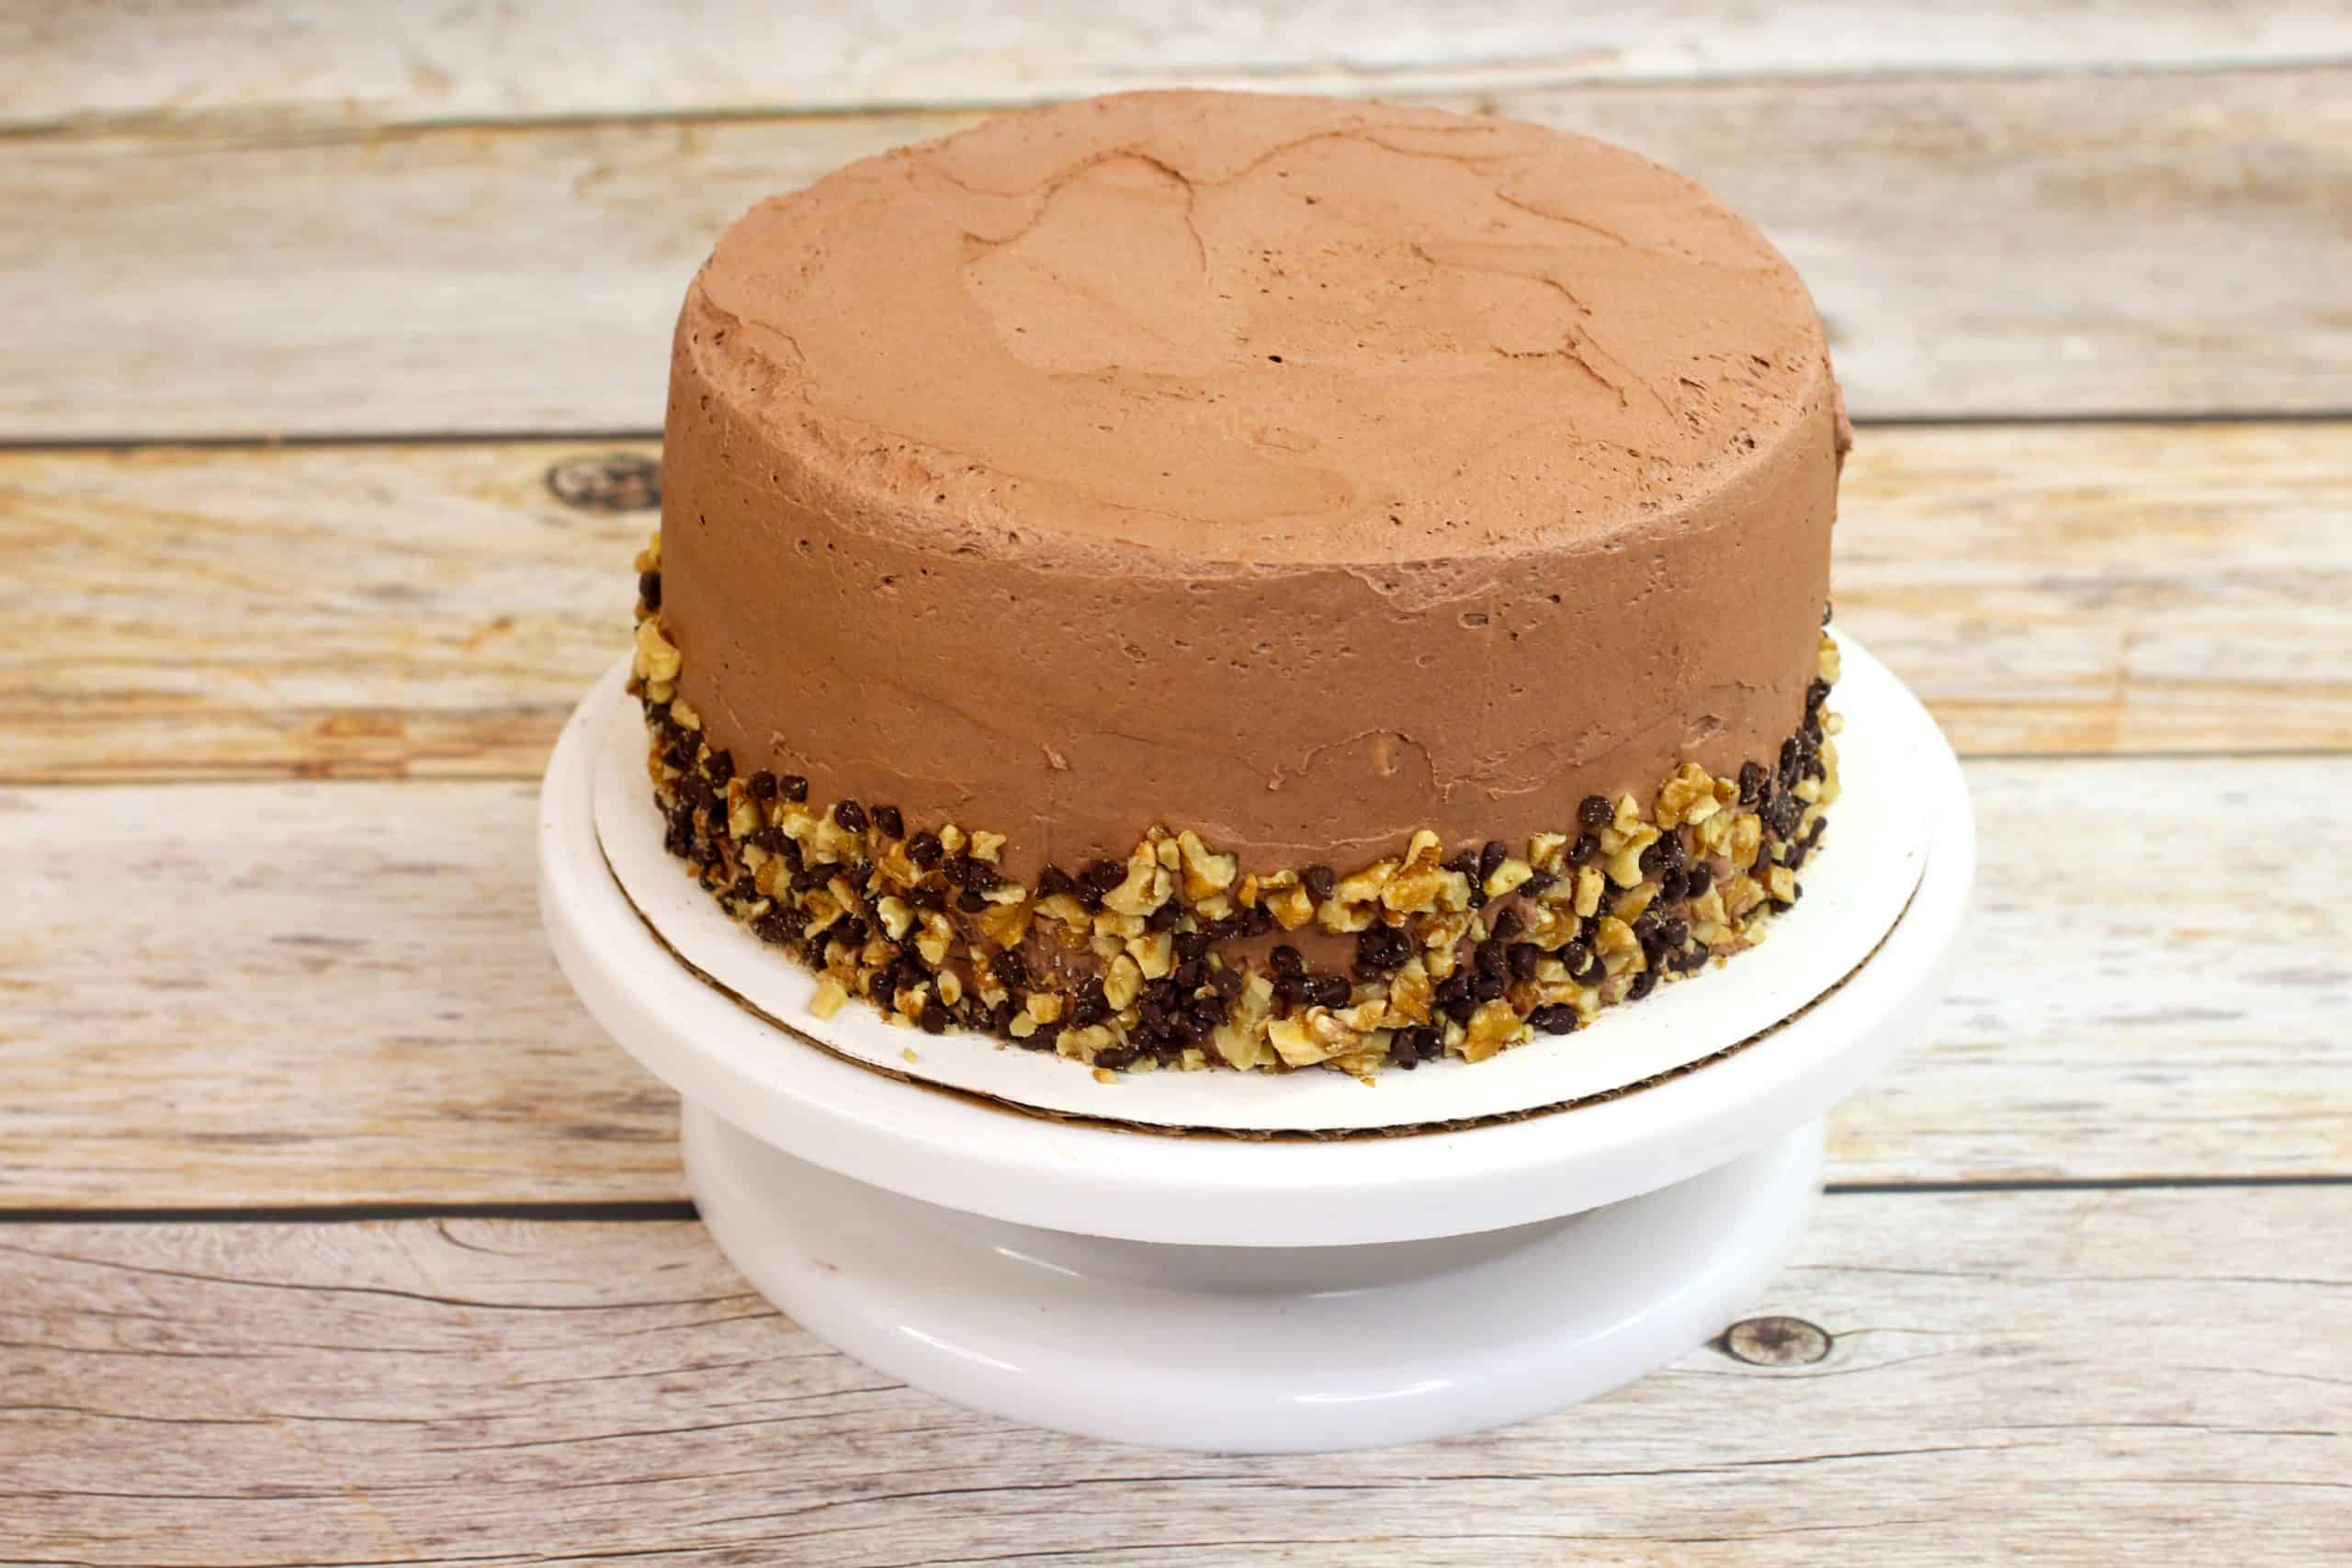 chocolate fudge cake with walnuts